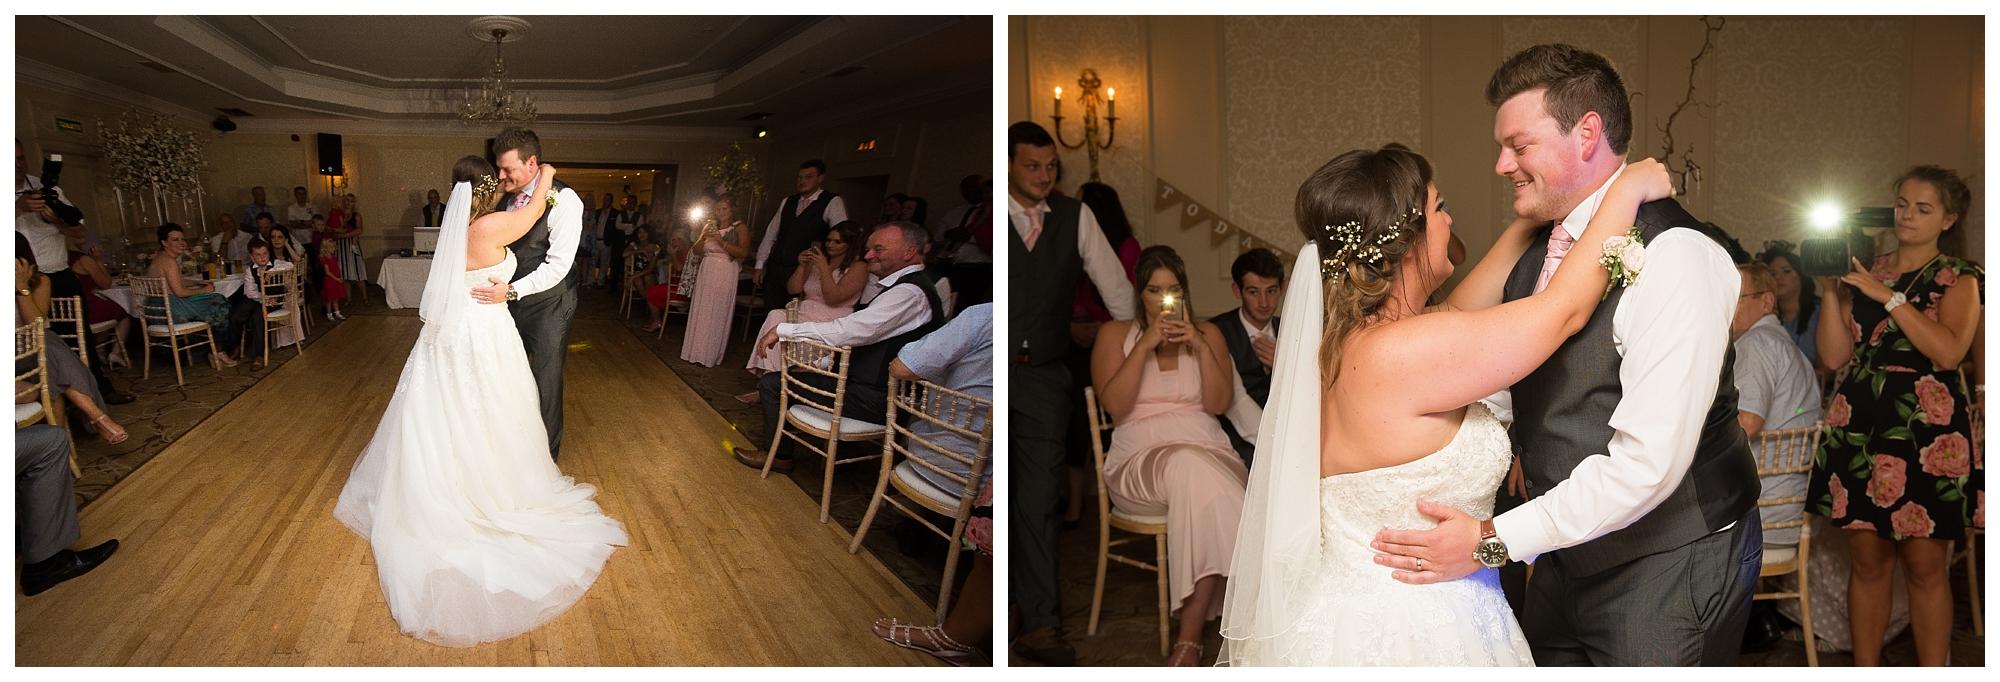 Wentbridge-House-Wedding-Photography_0032